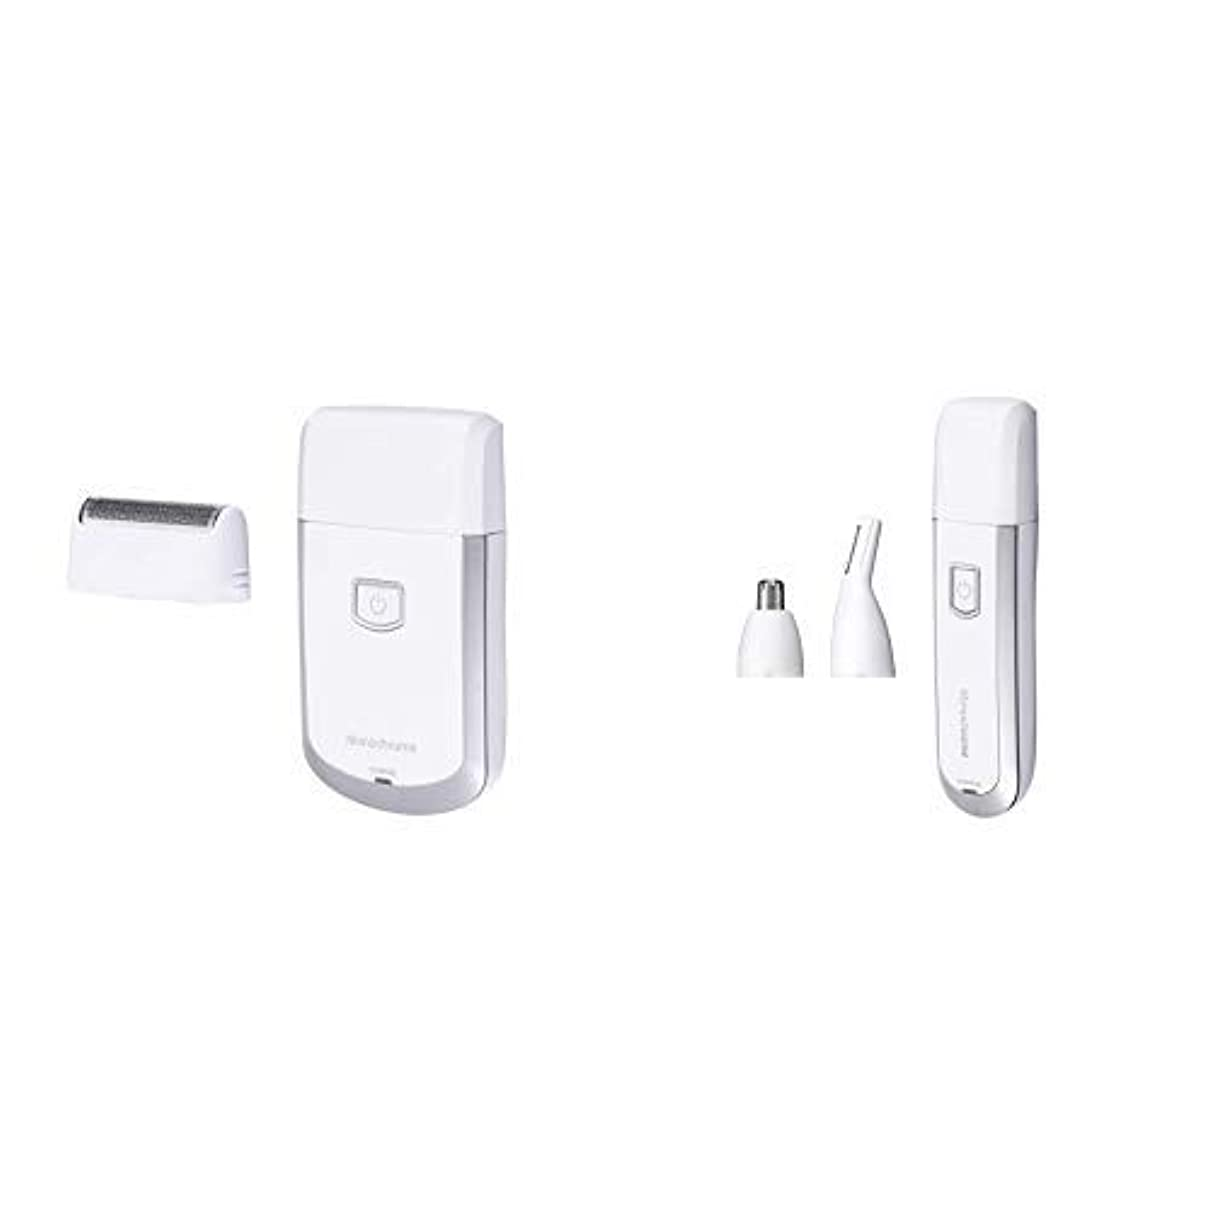 モノクローム メンズシェーバー USB充電式 往復式 ホワイト MAM-0500/W [Amazon限定ブランド] + ノーズ&イヤートリマー USB充電式 ホワイト MAM-0510/W [Amazon限定ブランド]...